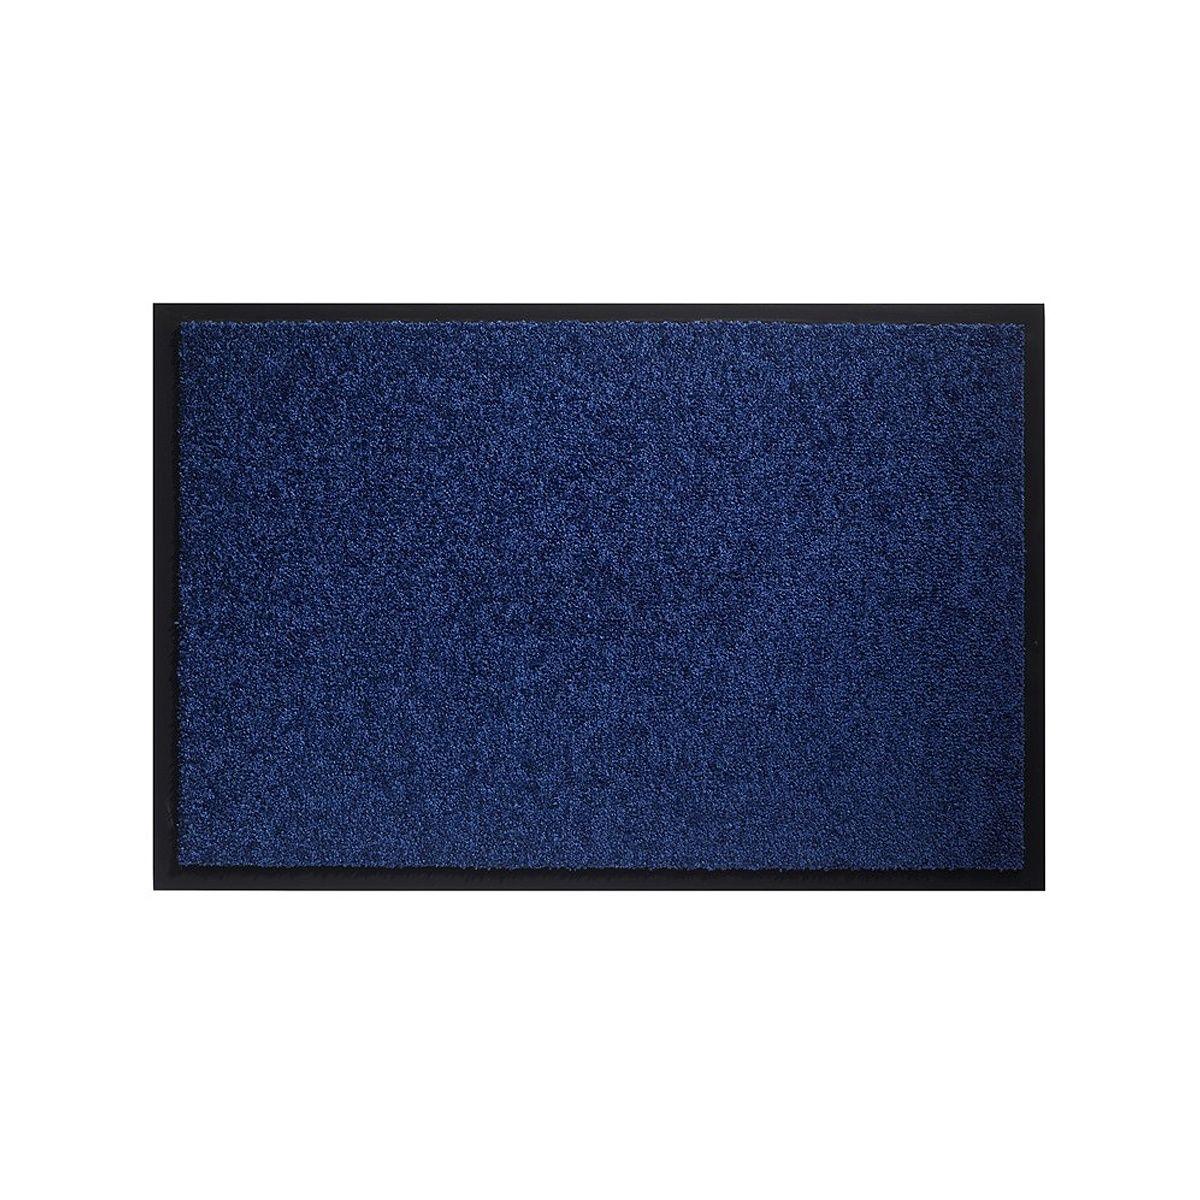 Грязезащитный коврик HAMAT 574 Twister кобальт 80x120 см